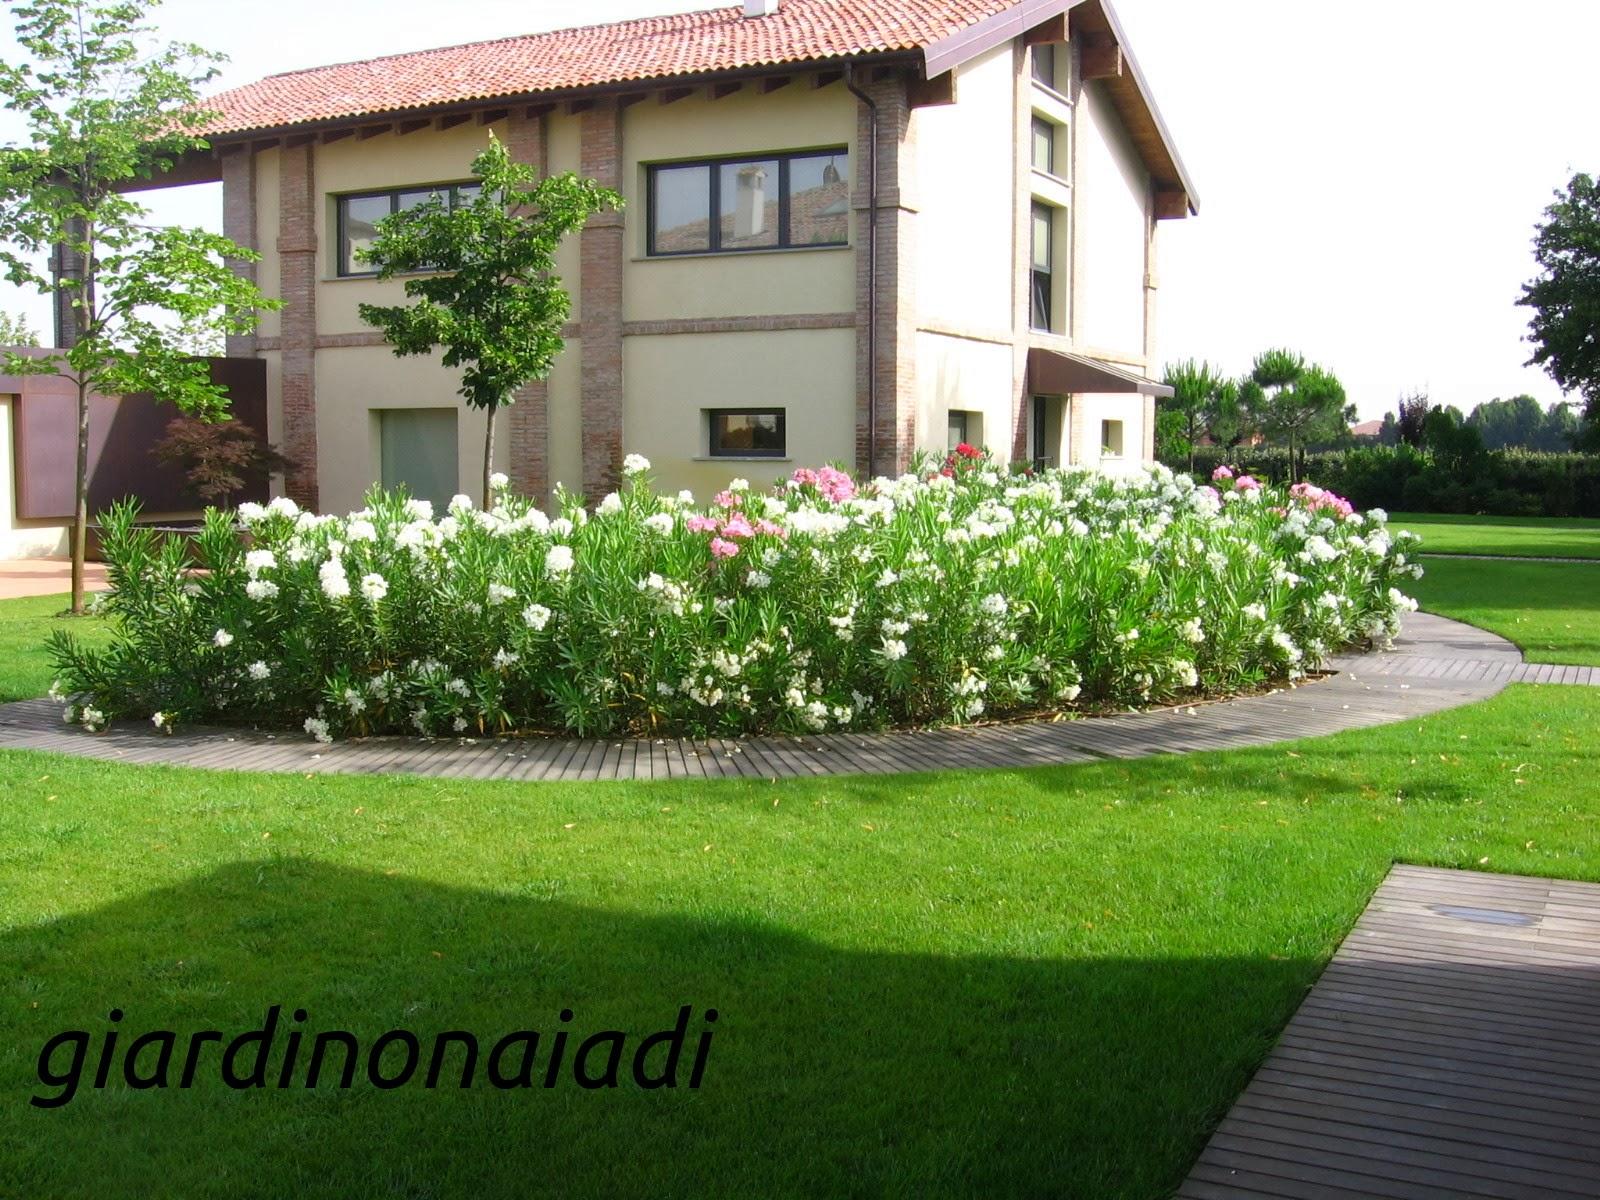 Il giardino delle naiadi progettare bordure e aiuole for Aiuole sempreverdi